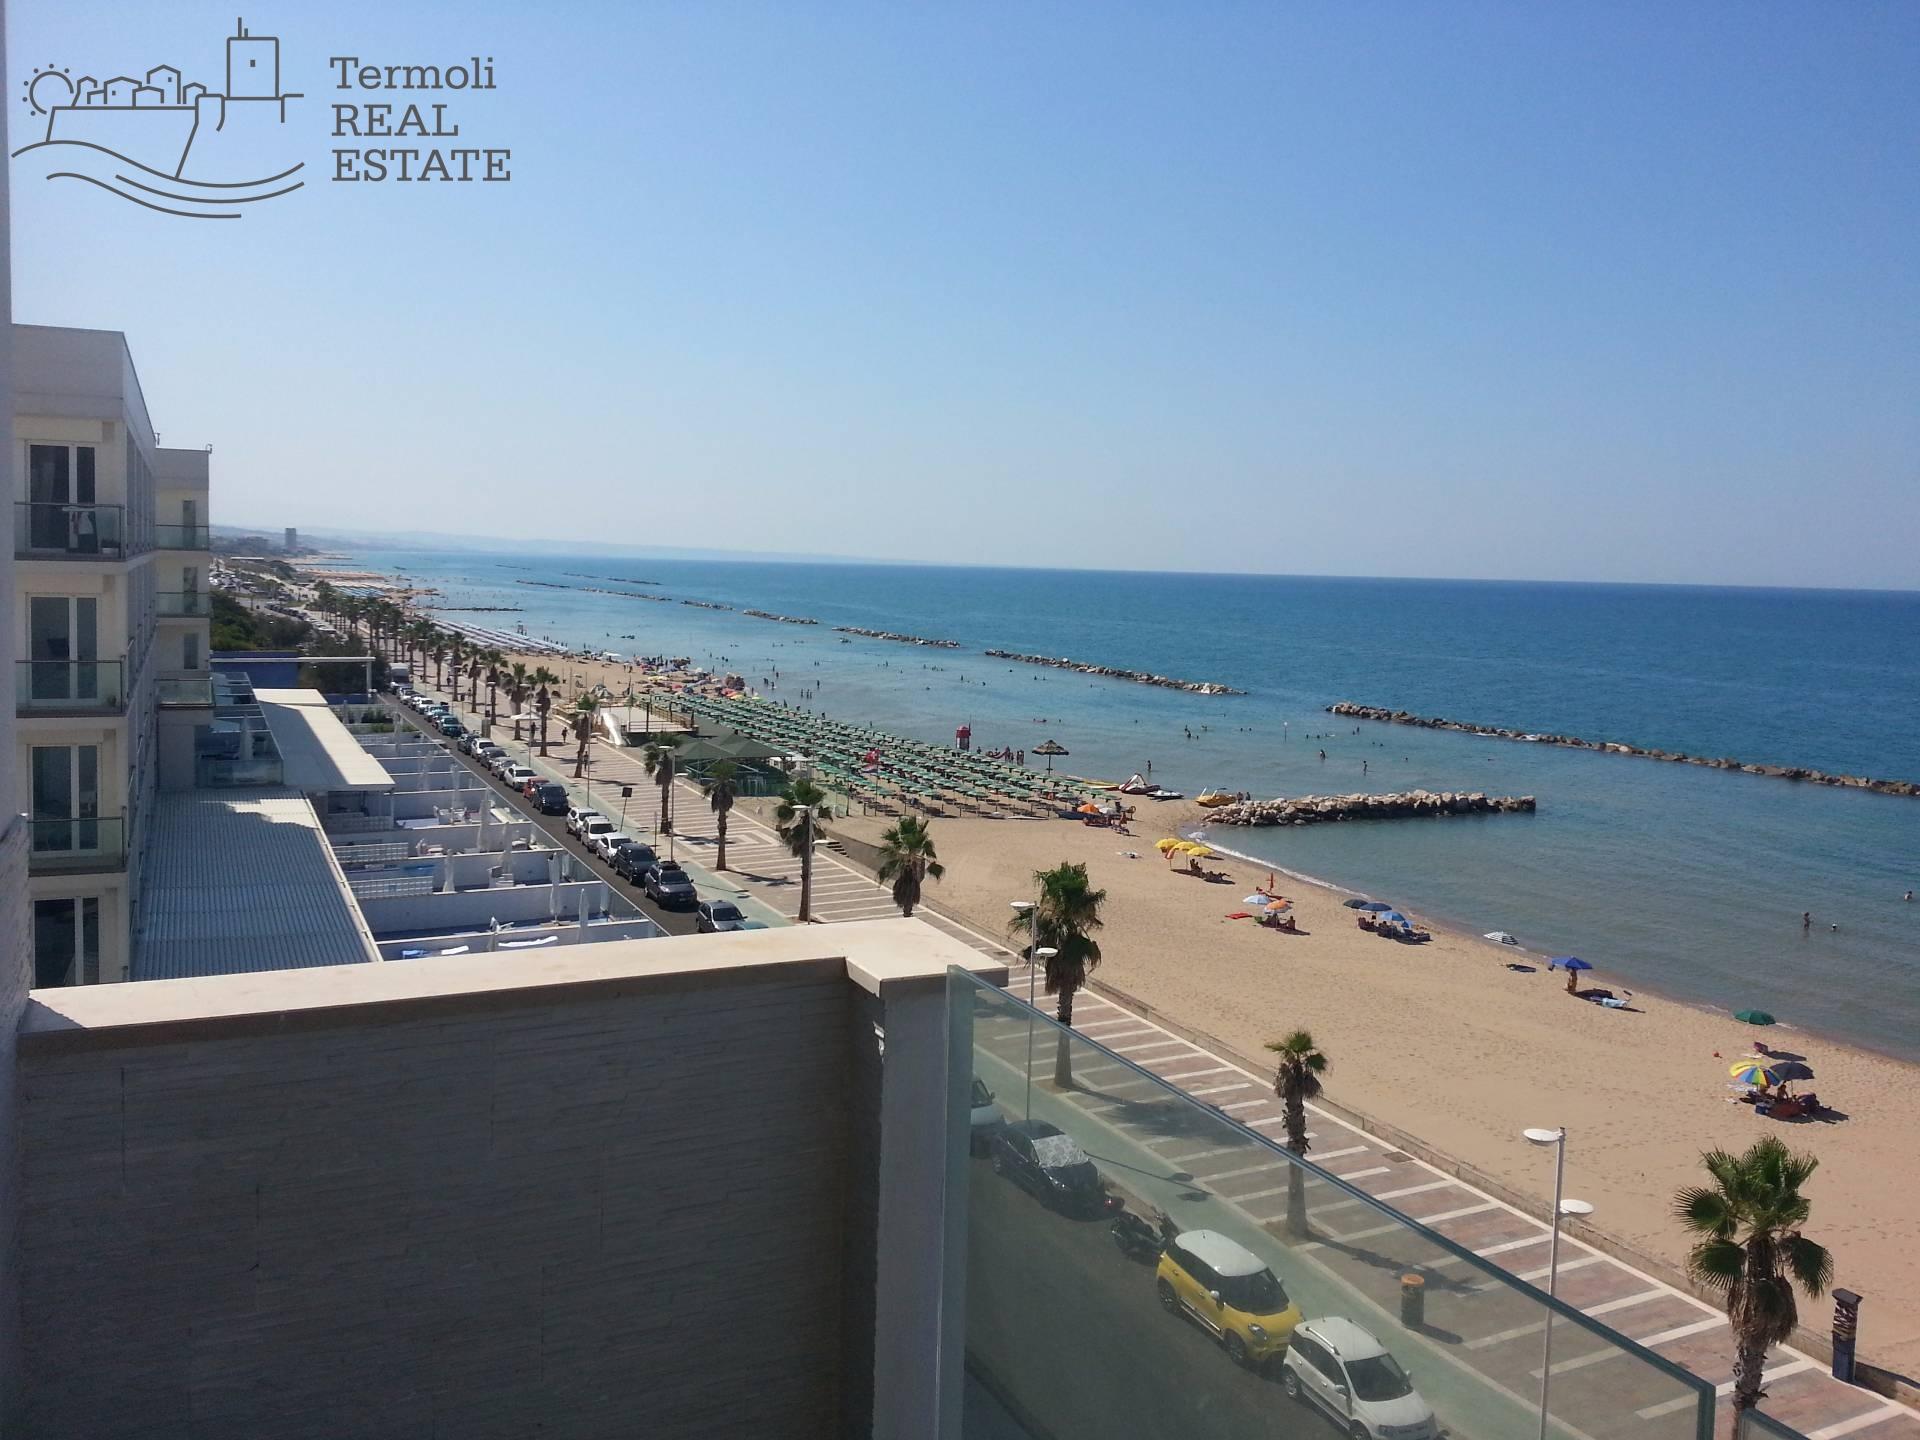 Appartamento in vendita a Termoli, 3 locali, zona Località: Lungomare, Trattative riservate | CambioCasa.it